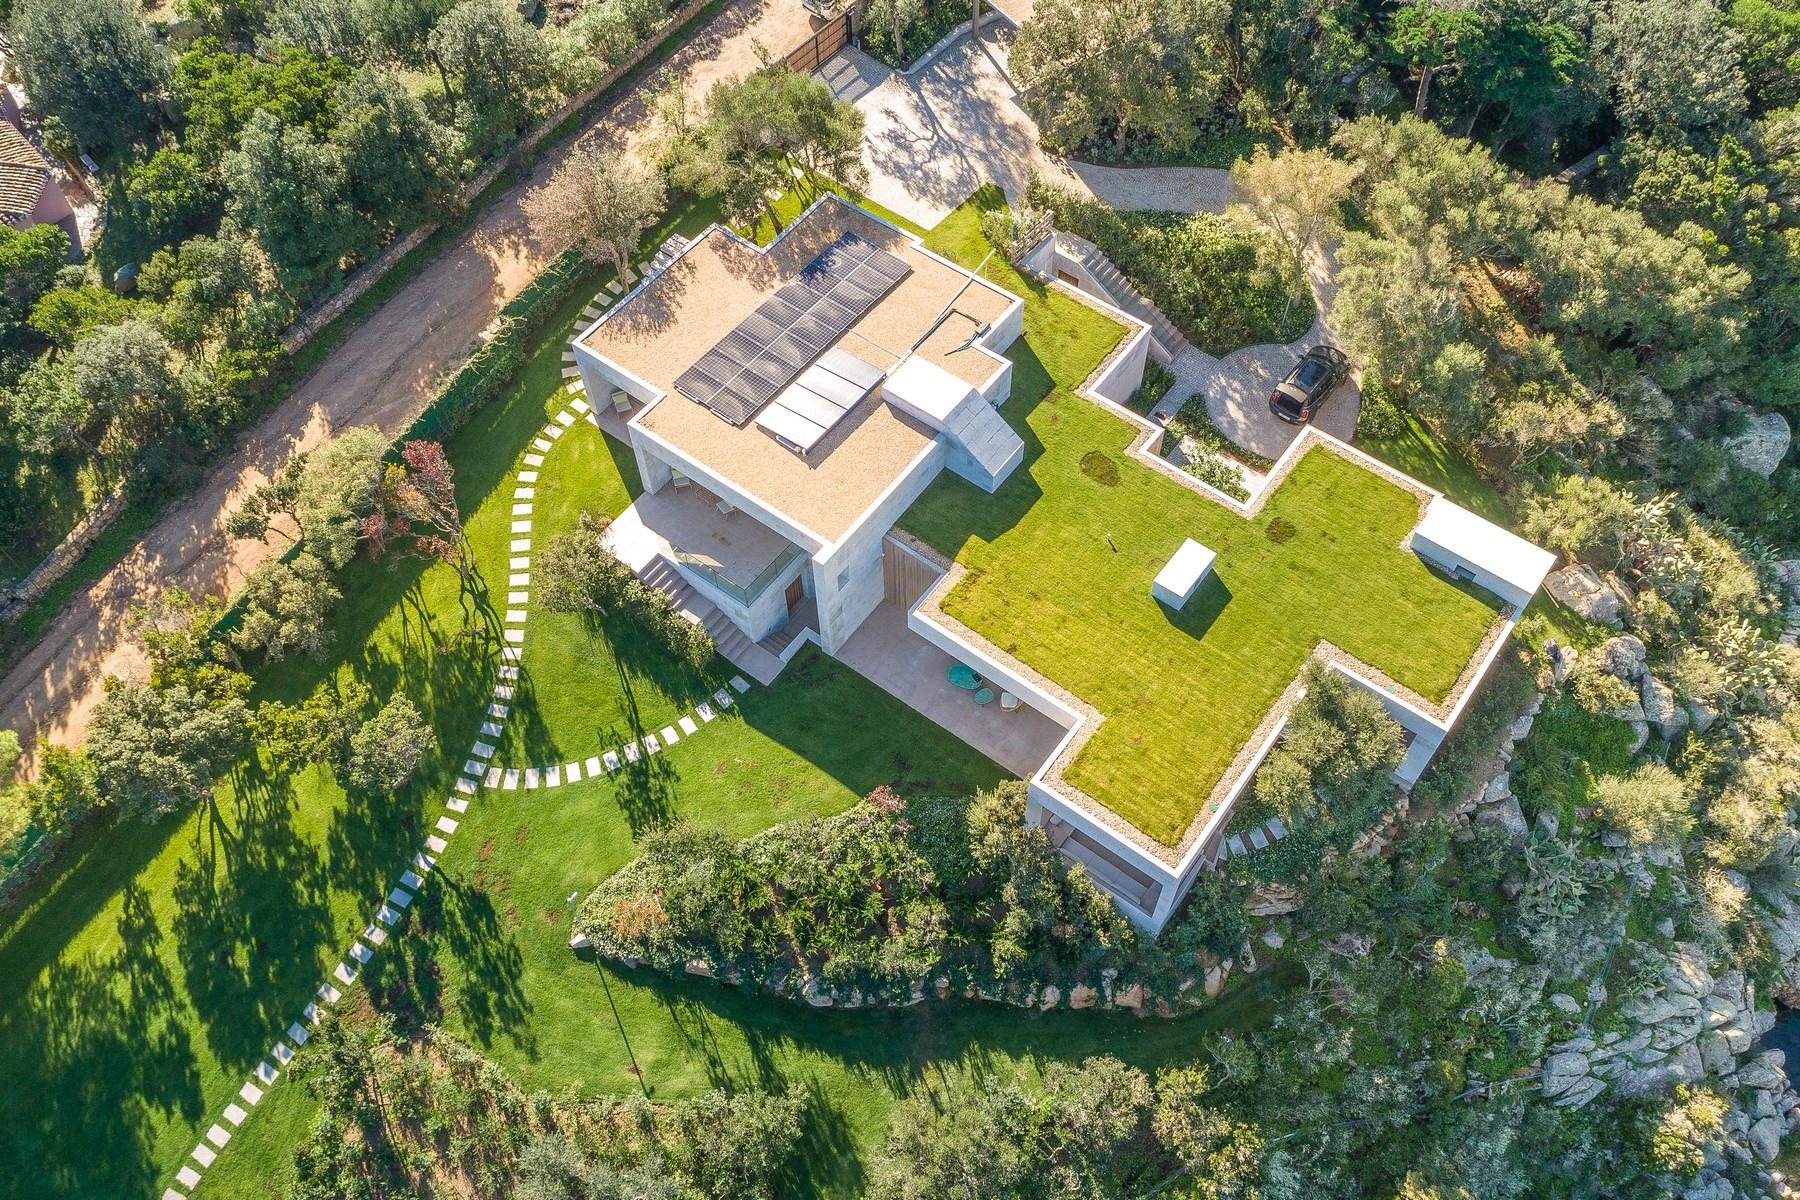 Villa in Vendita a Santa Teresa Gallura: 5 locali, 433 mq - Foto 1